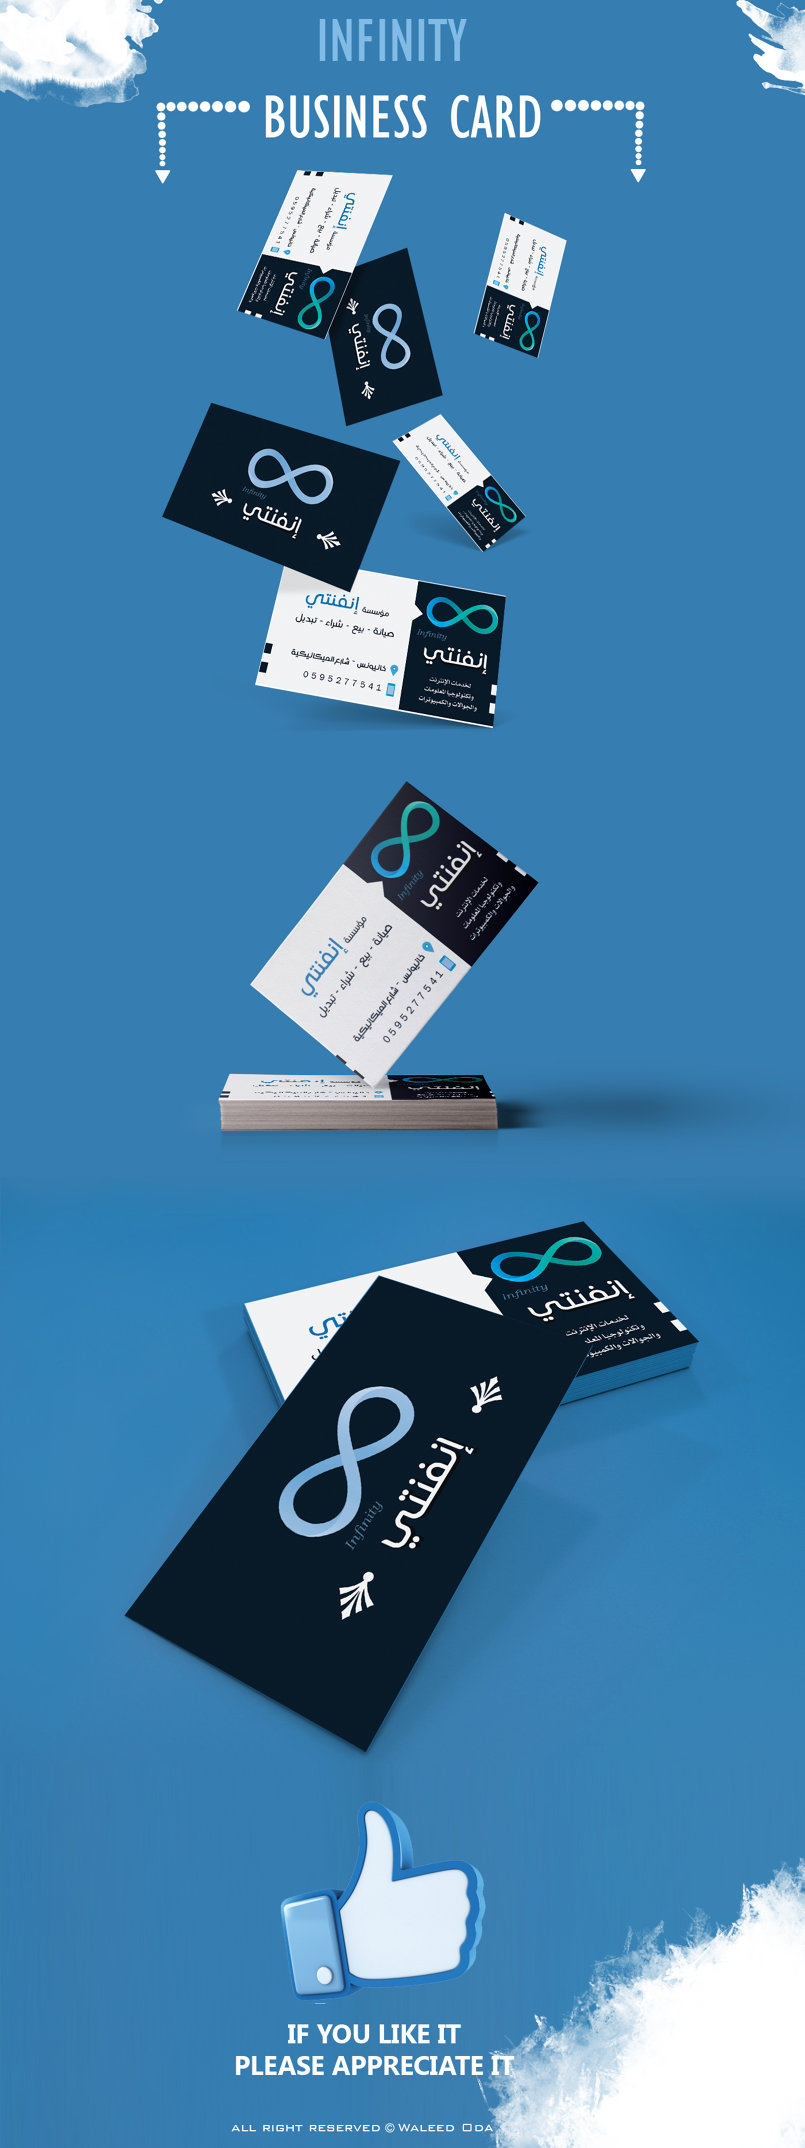 كرت عمل Business Card - مؤسسة إنفنتي